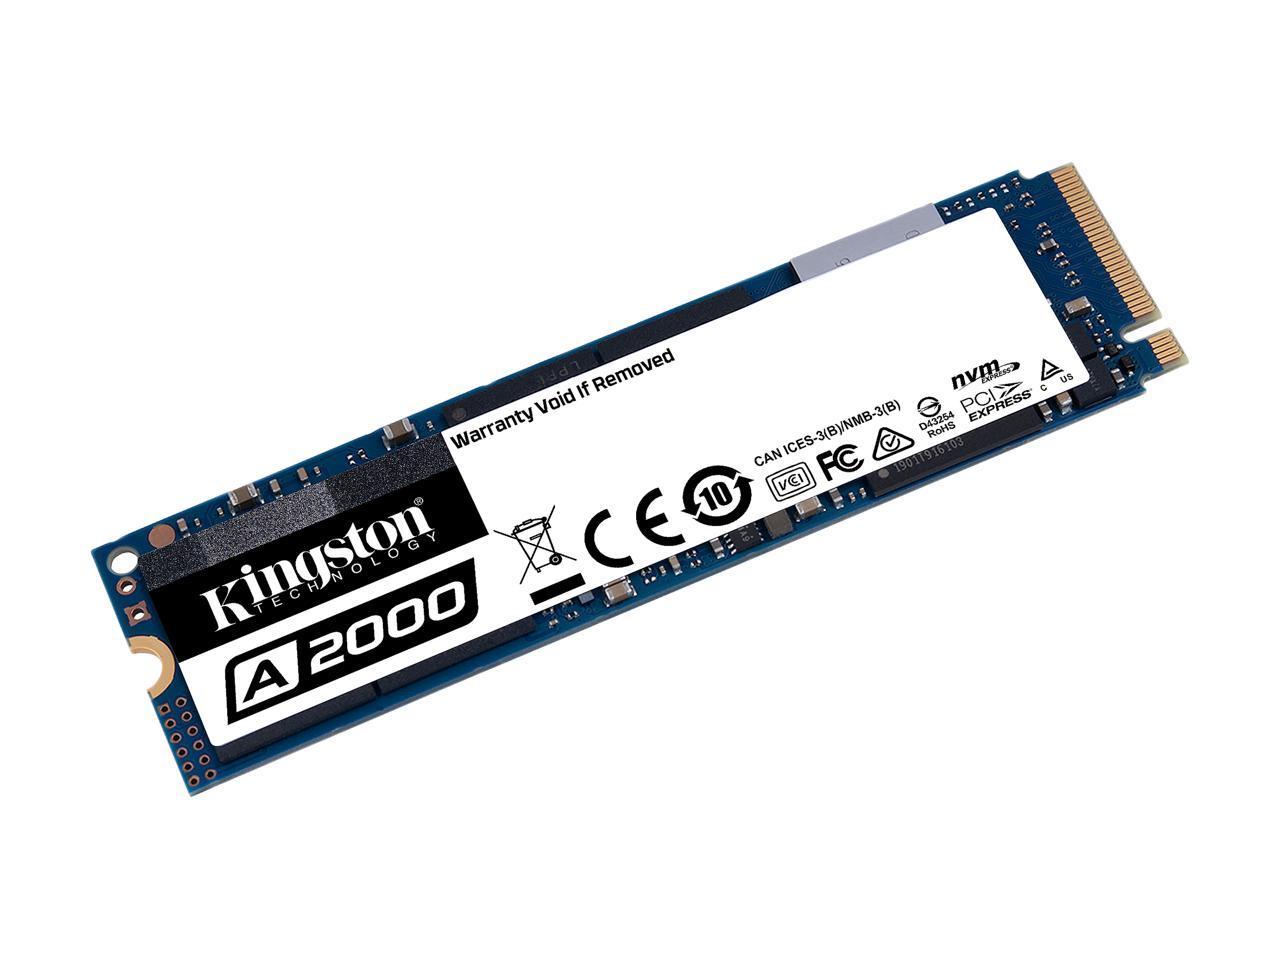 Kingston A2000 1TB M.2 NVMe PCIe Gen 3.0 x4 Internal Solid State Drive